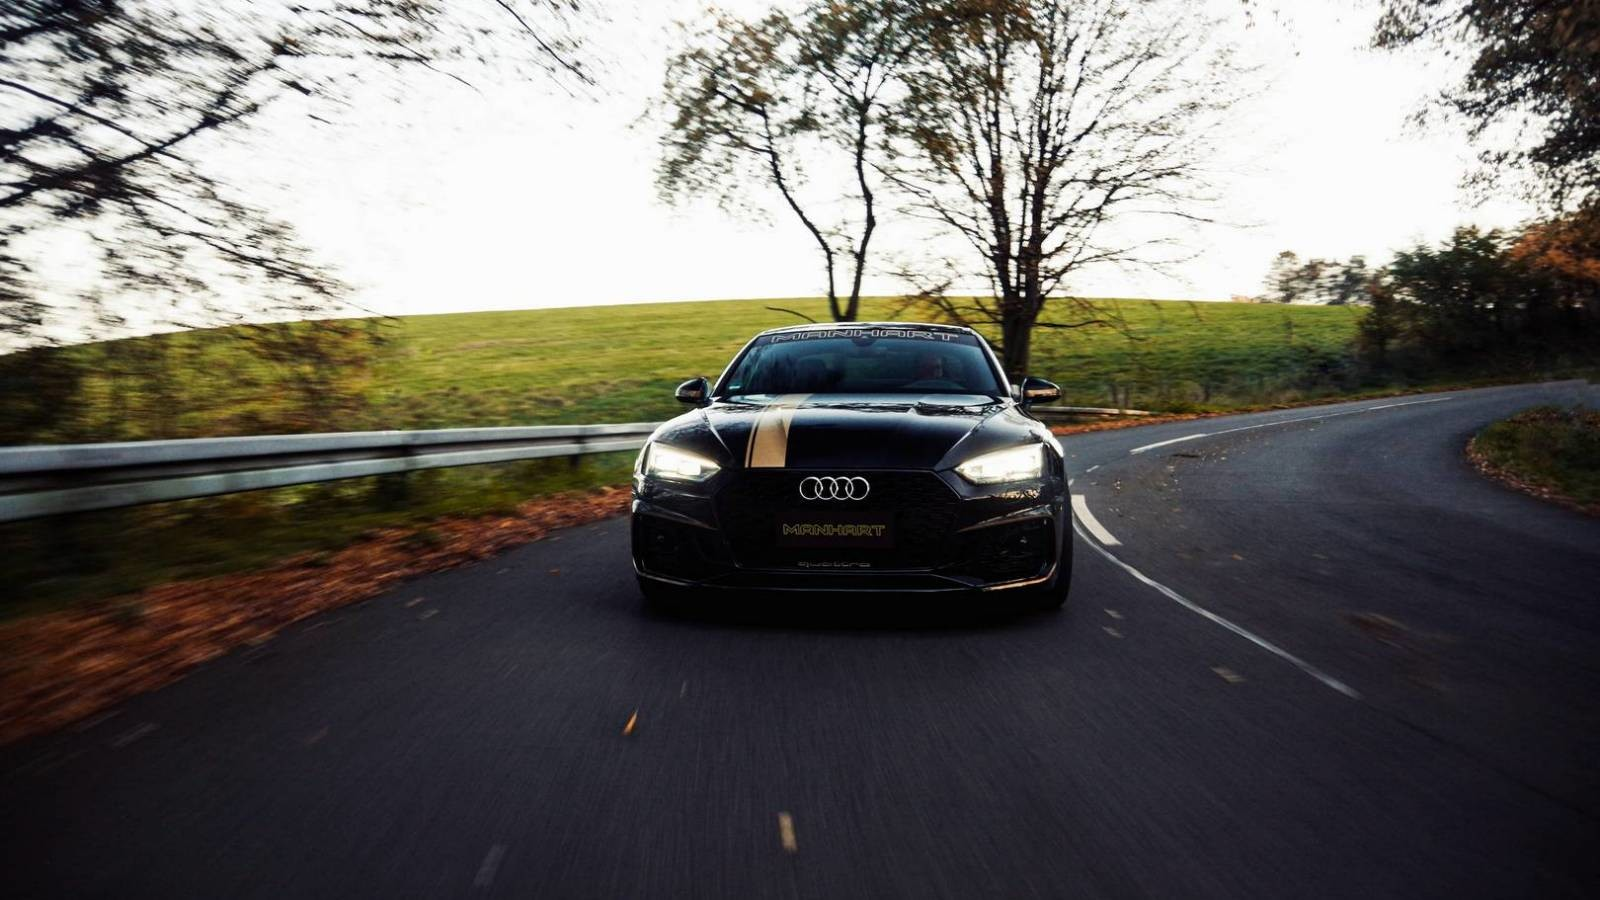 El nuevo Manhart RS 500 lleva al Audi RS5 hasta los 500 CV y lo hace todavía menos discreto